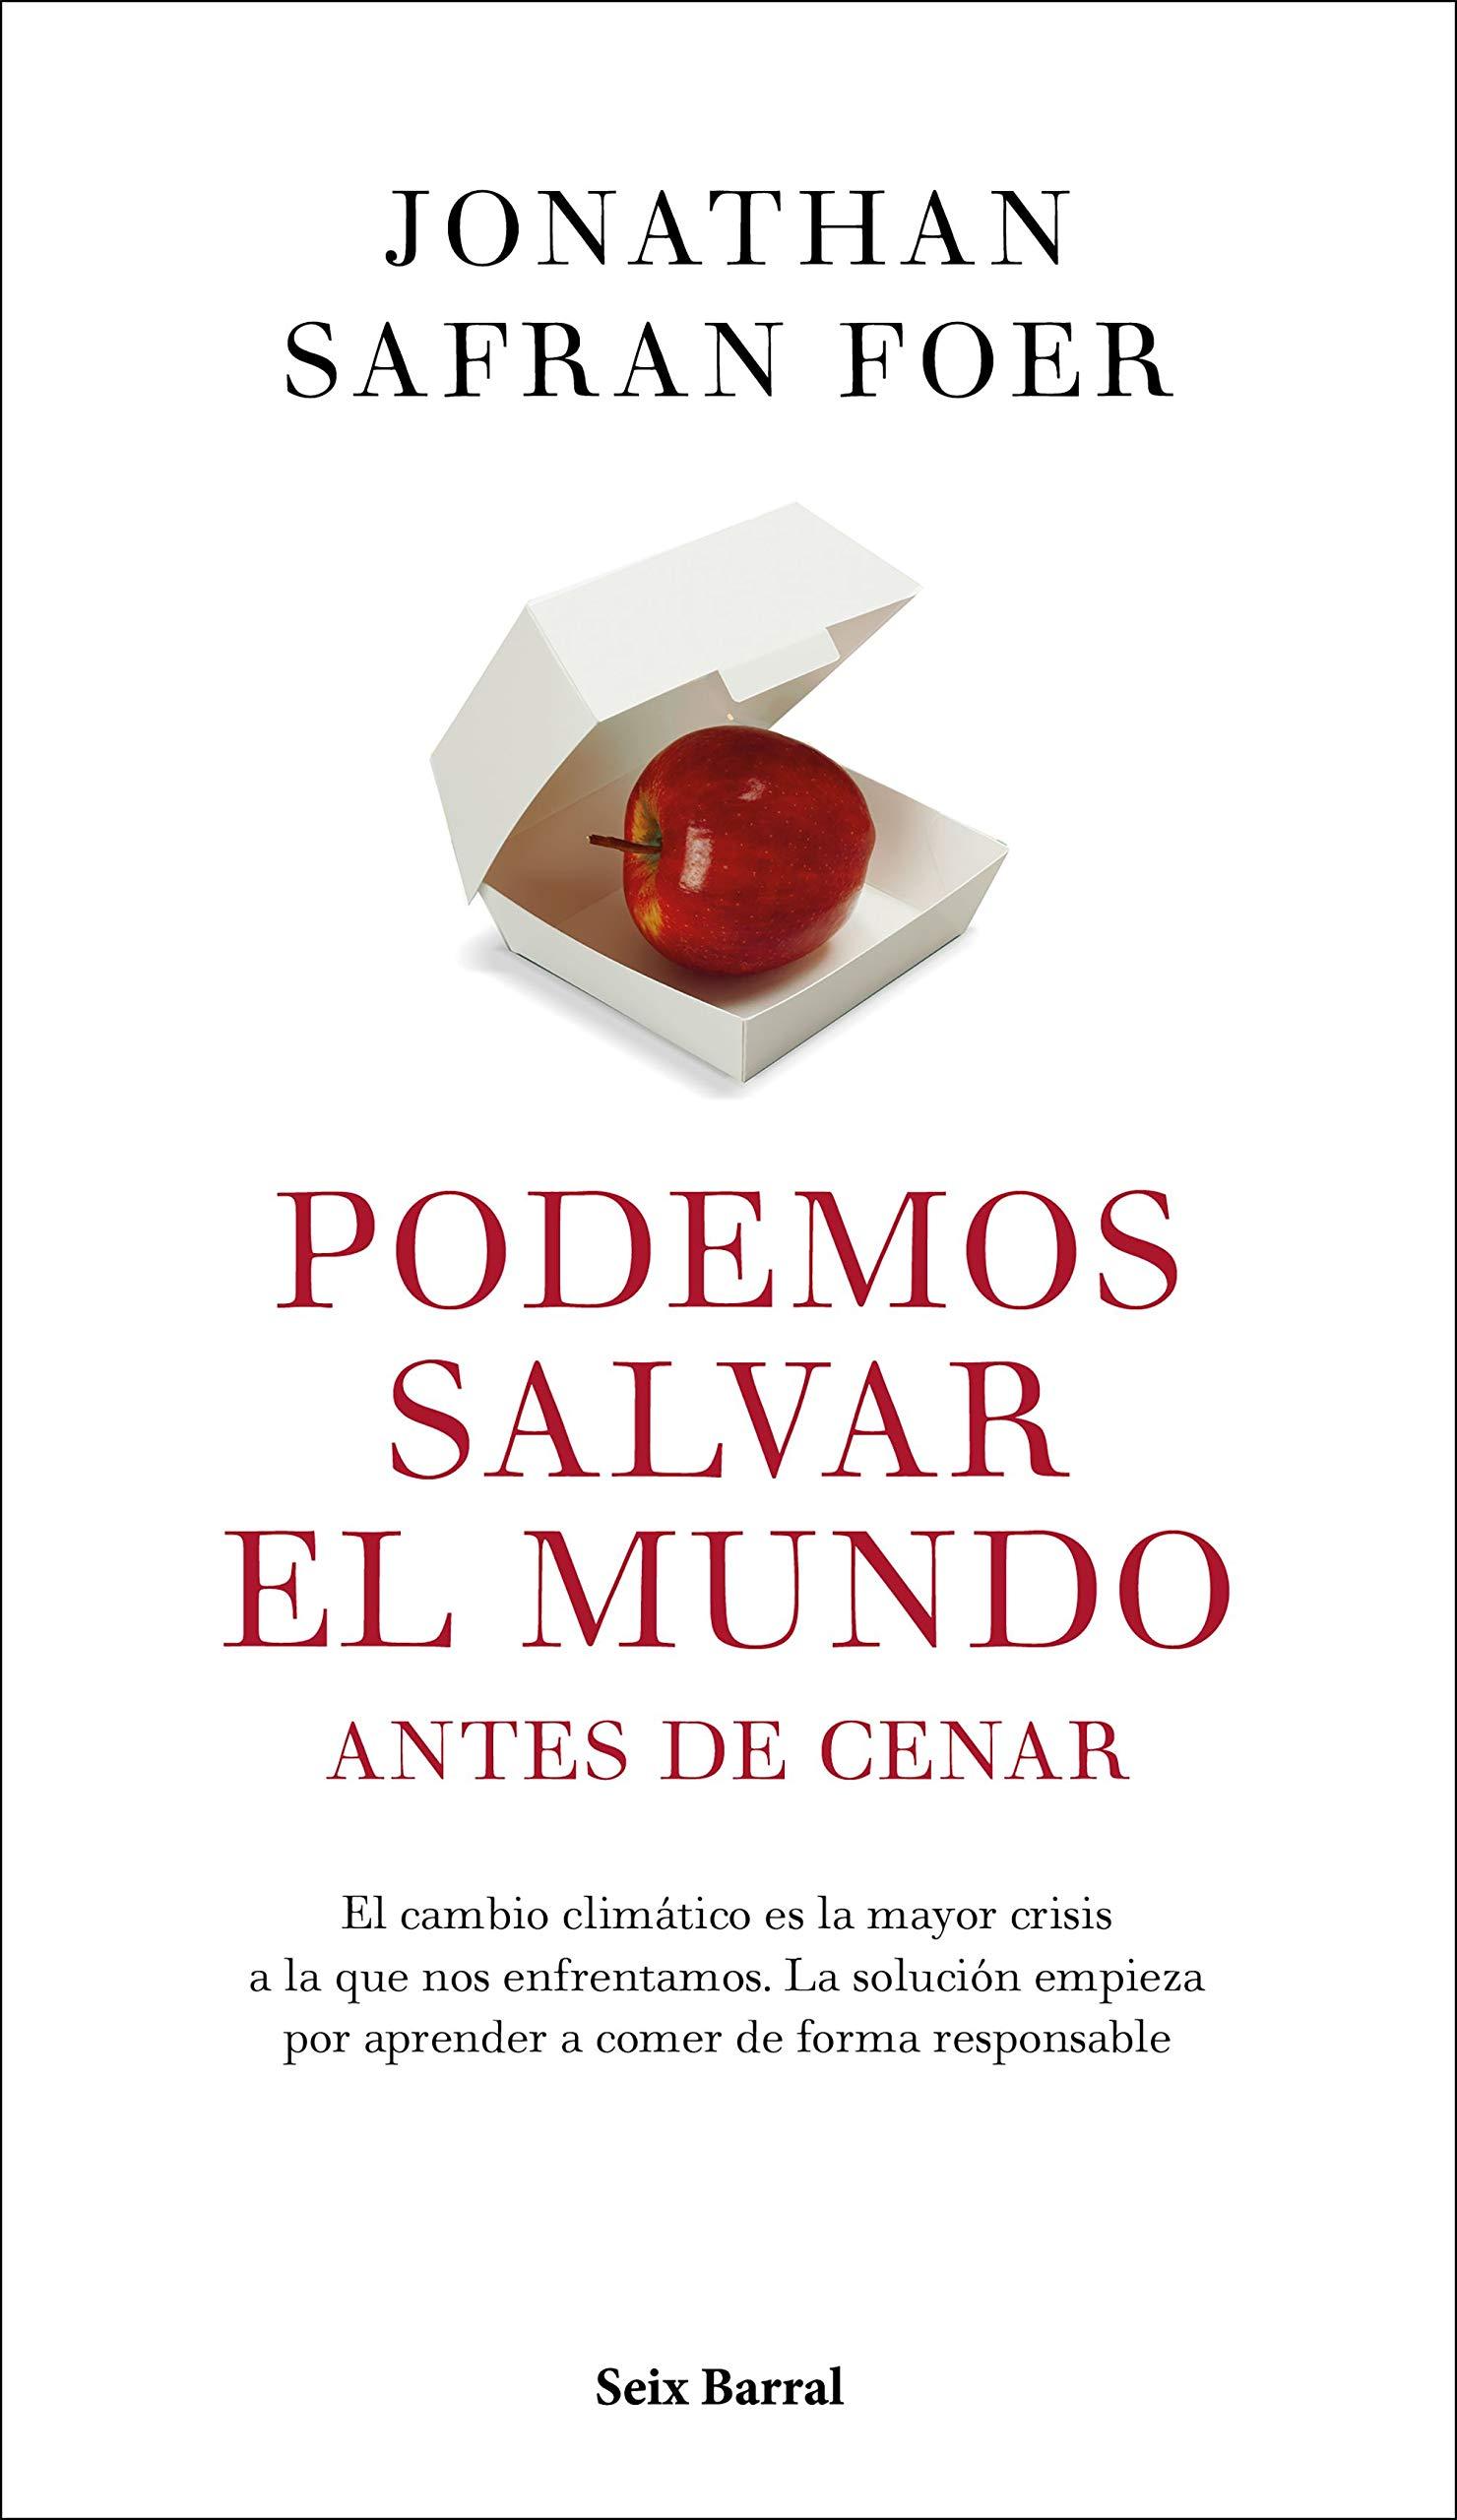 Podemos salvar el mundo antes de cenar Los Tres Mundos: Amazon.es: Foer, Jonathan Safran, Luengo, Lorenzo: Libros